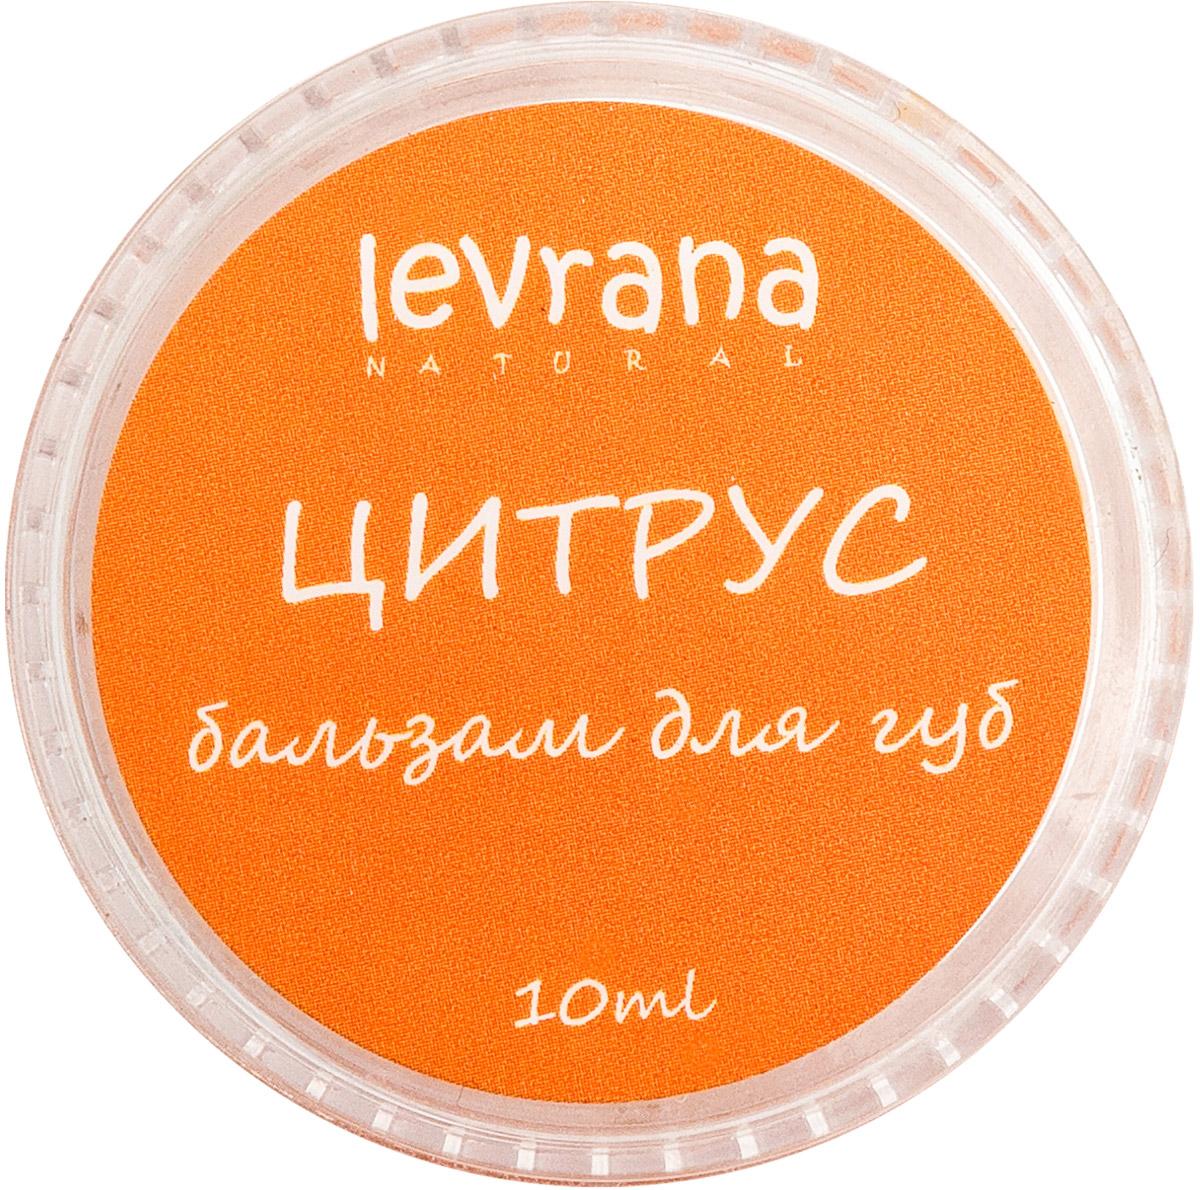 Levrana Бальзам для губ Цитрус, 10 г kose cosmeport precious garden бальзам для губ сочный цитрус с органическими экстрактами растений